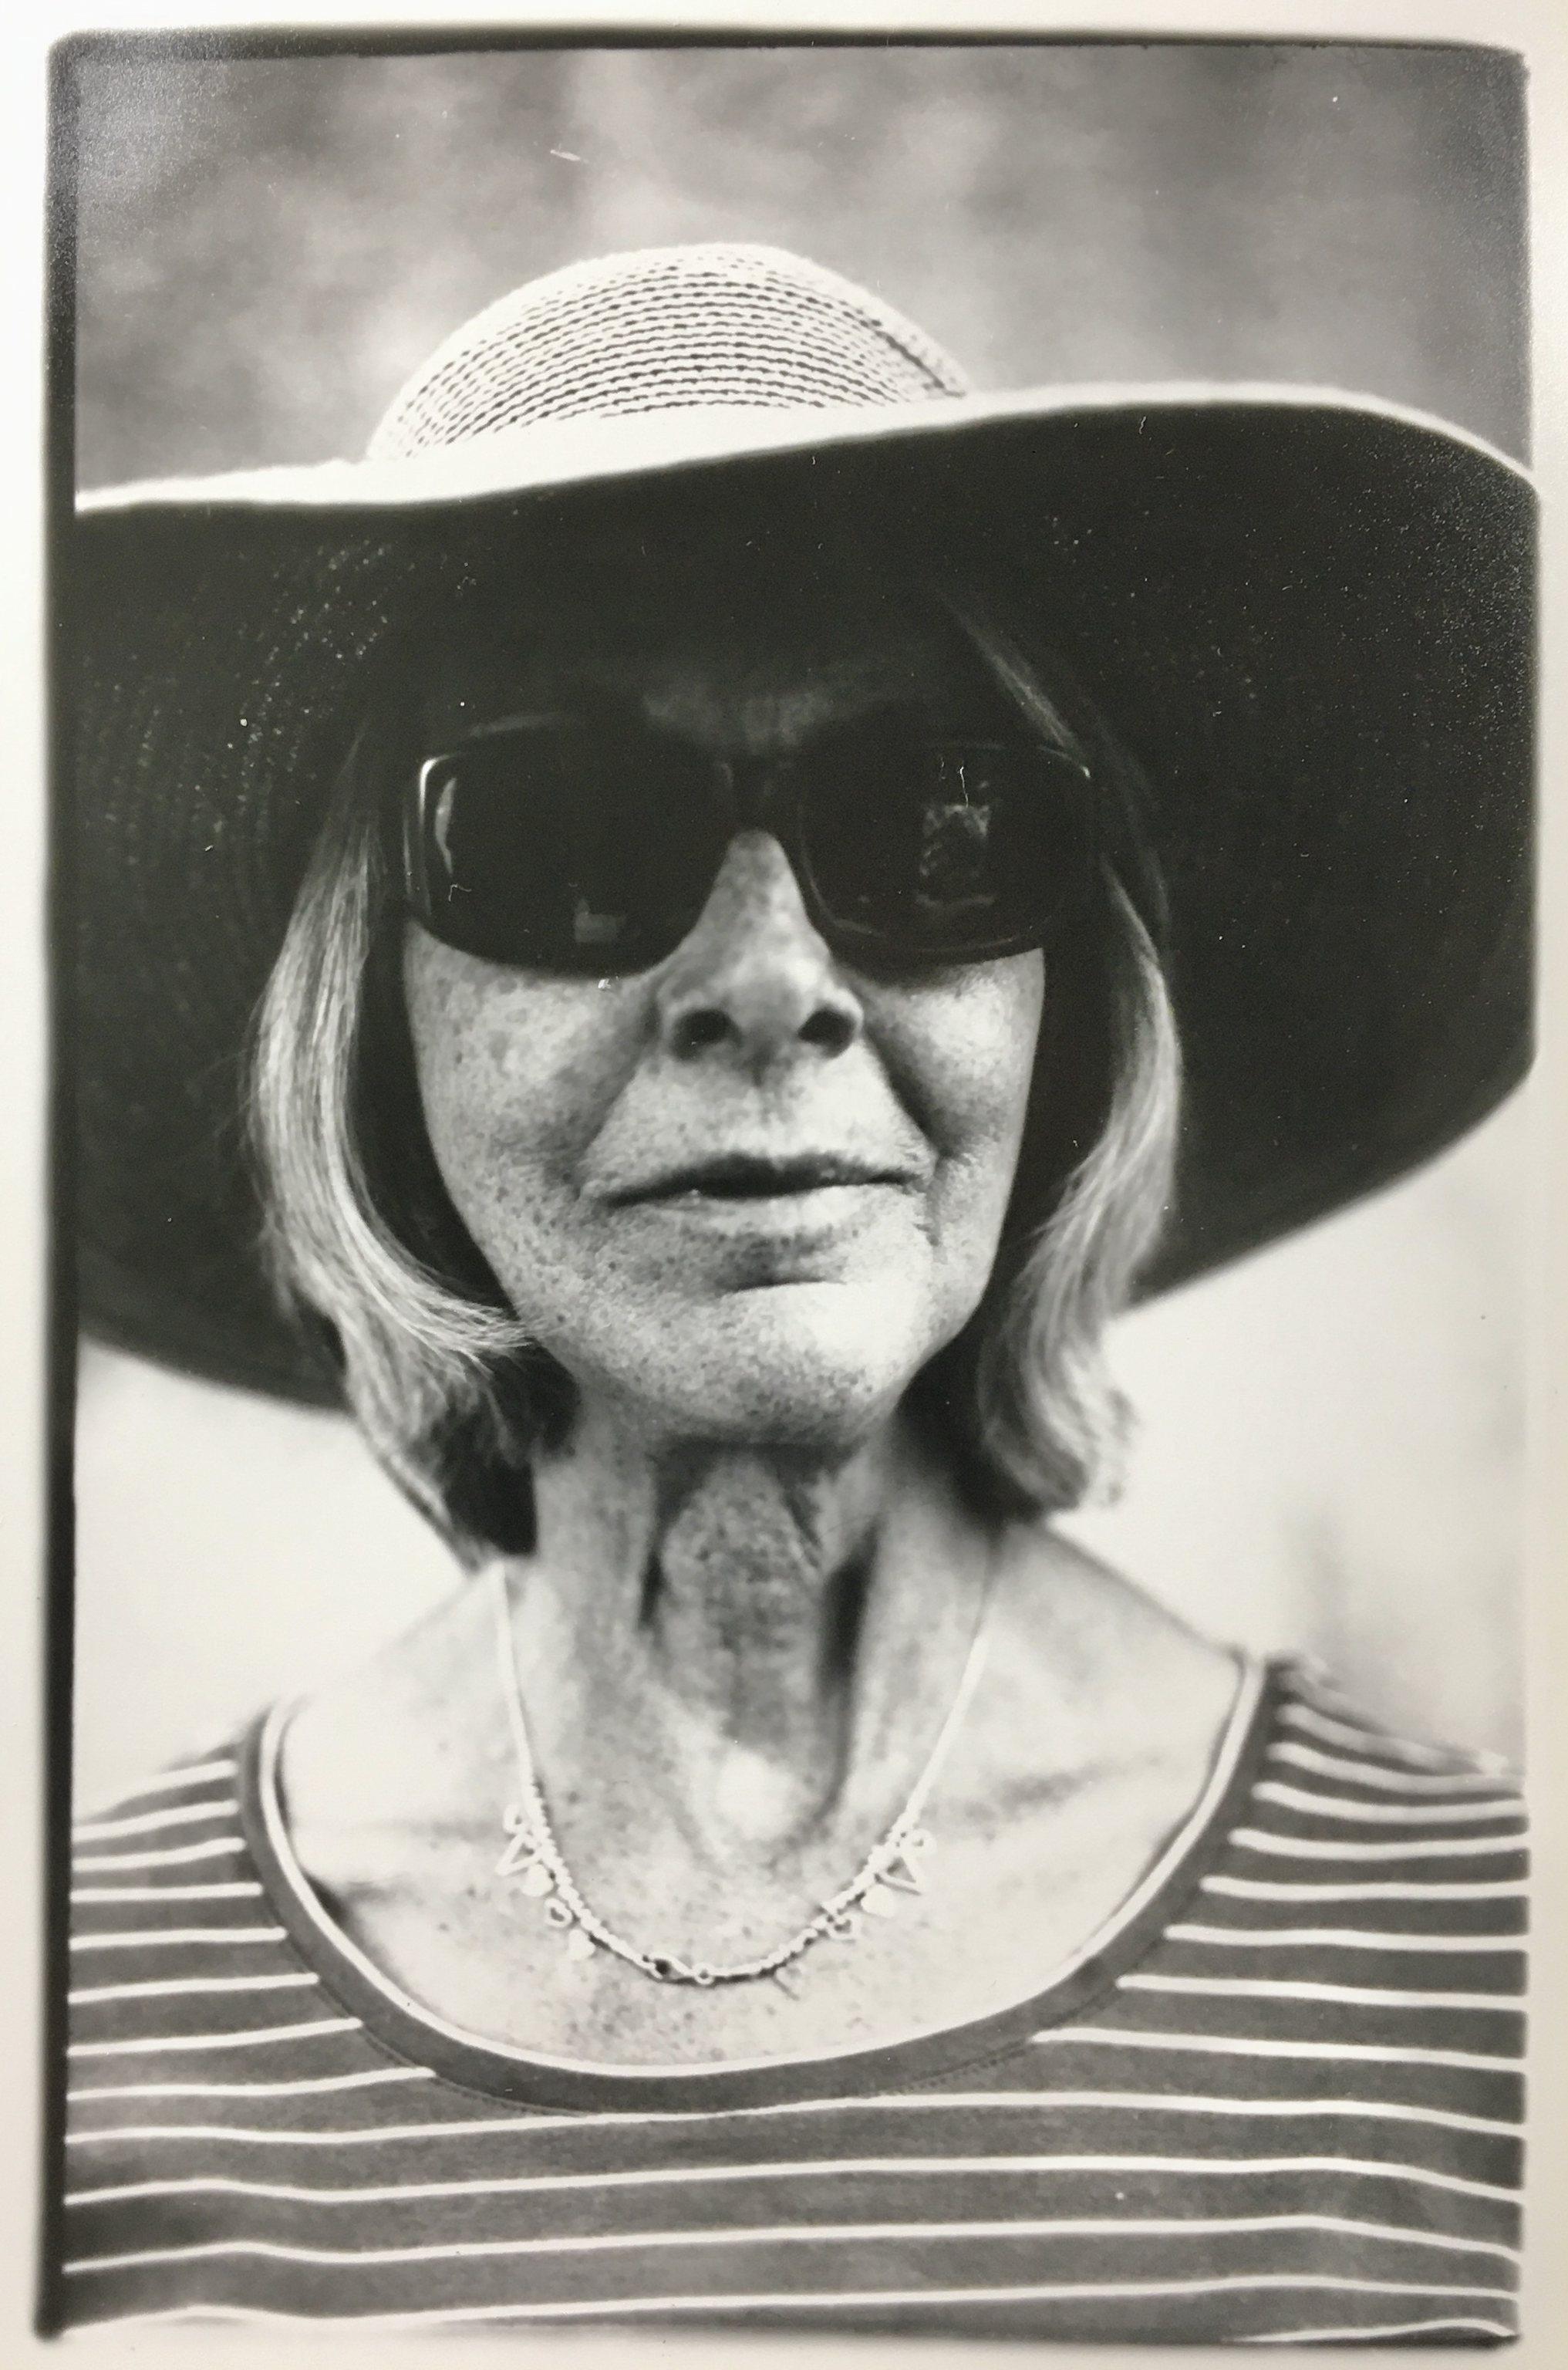 Andrea in sun hat.